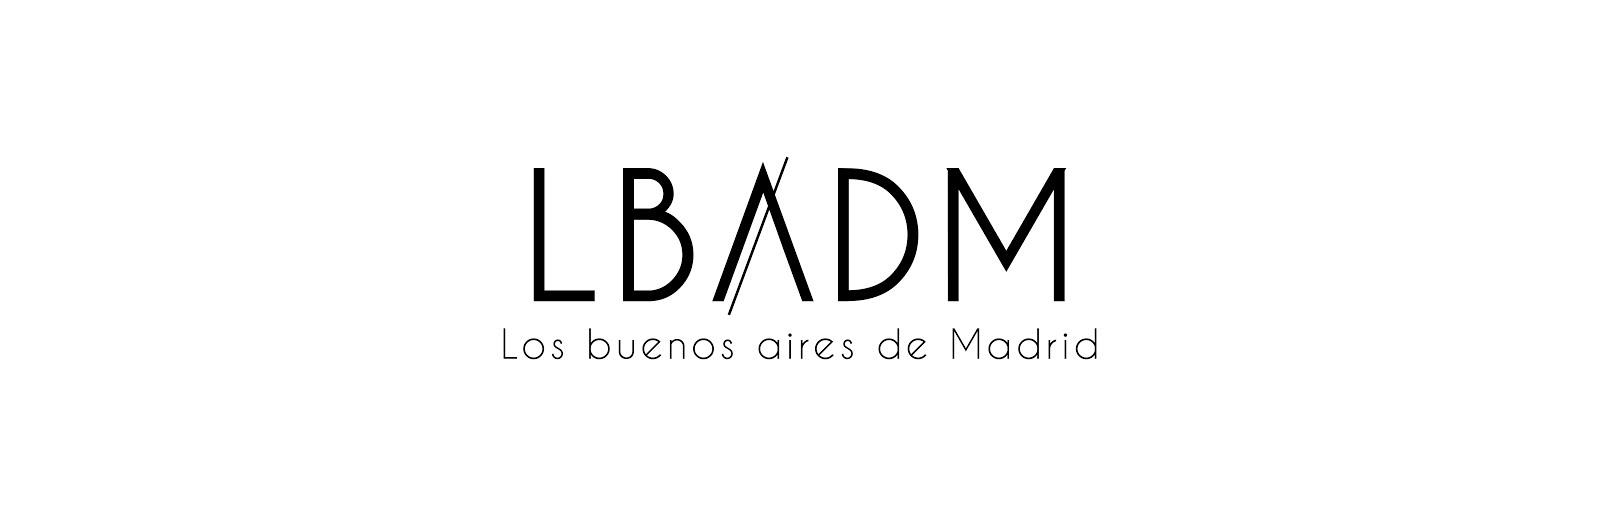 Colecciones de LBADM